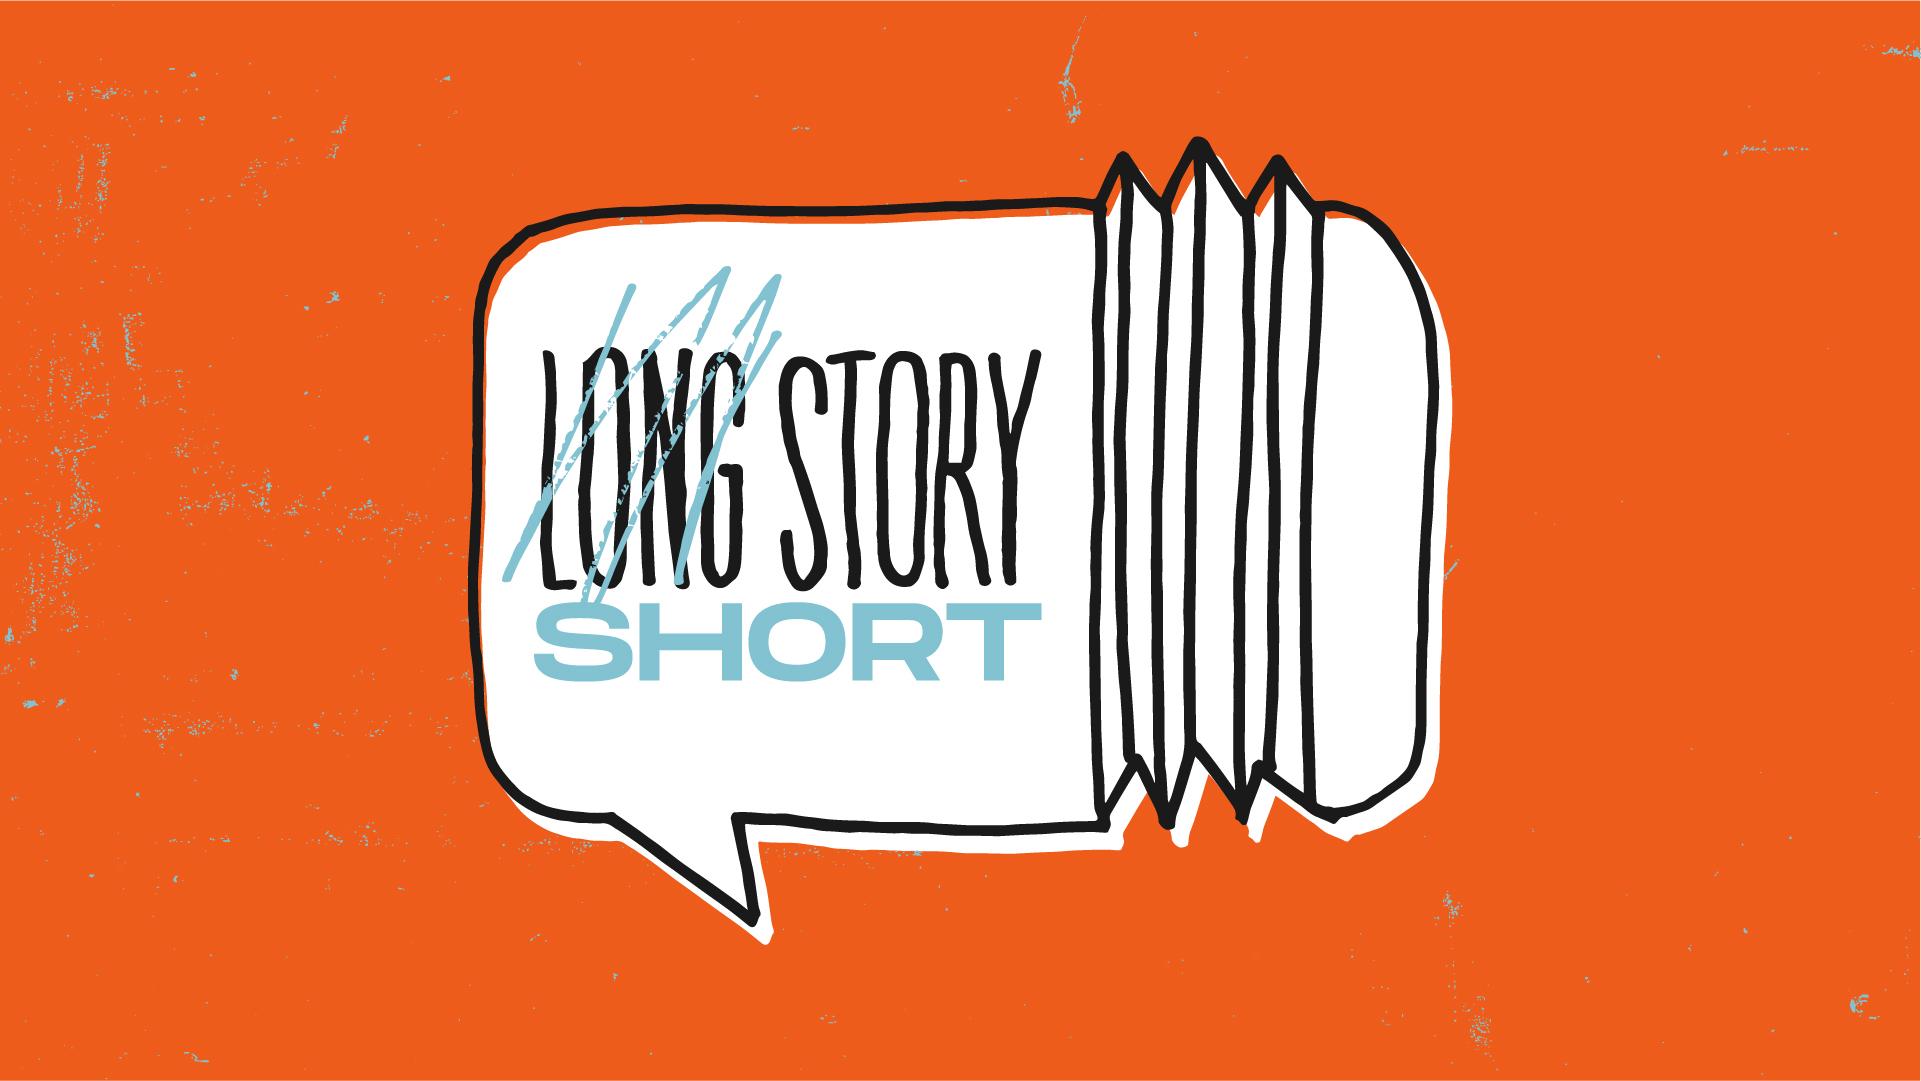 00_long story short_screen_Screen.jpg